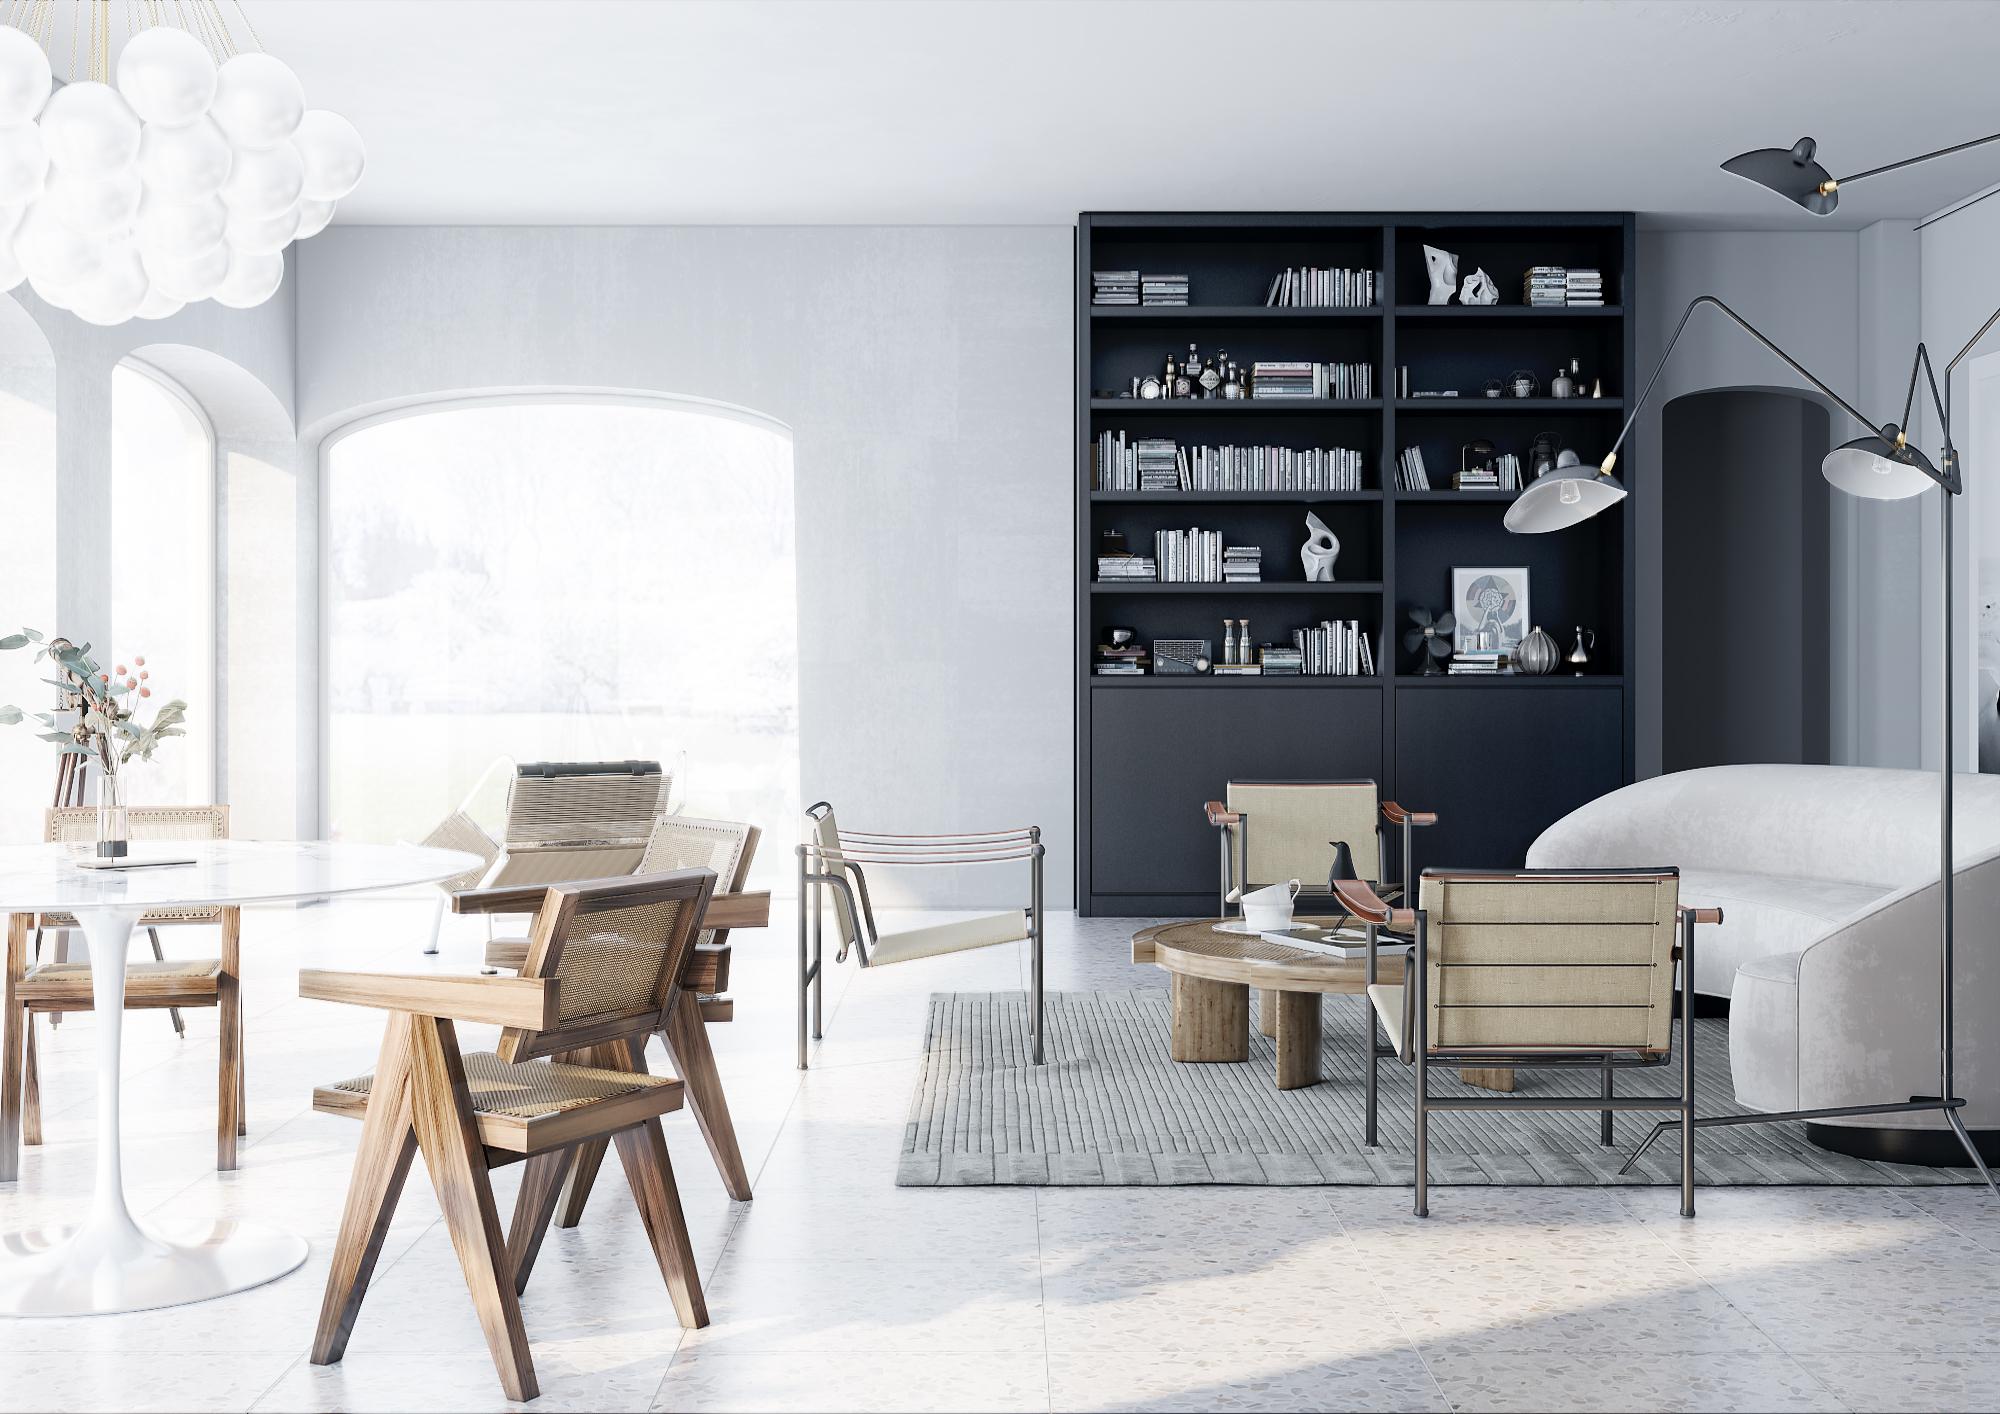 Livingroom_View01_28.07.2019.jpg